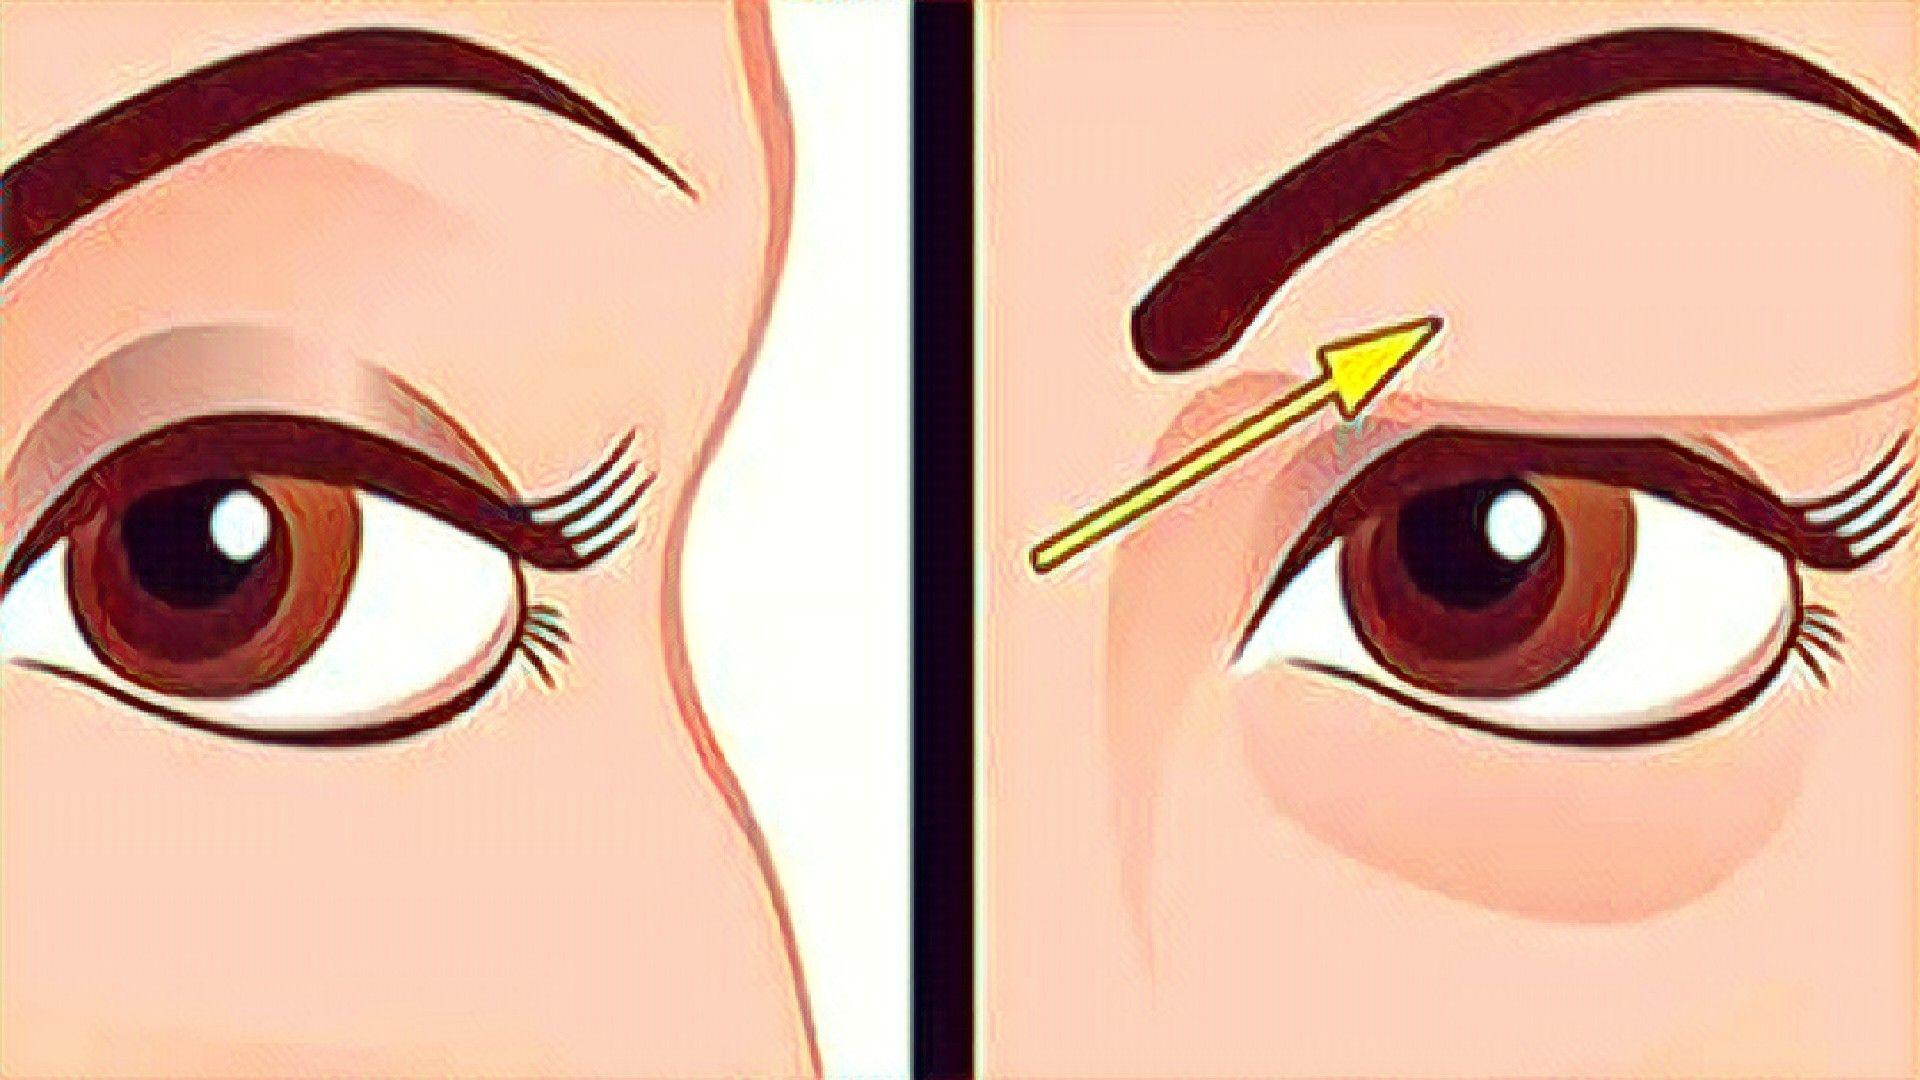 Elimina Los Párpados Con Caídos Con Un Remedio Casero Parpados Maquillaje Ojos Caidos Parpados Hinchados